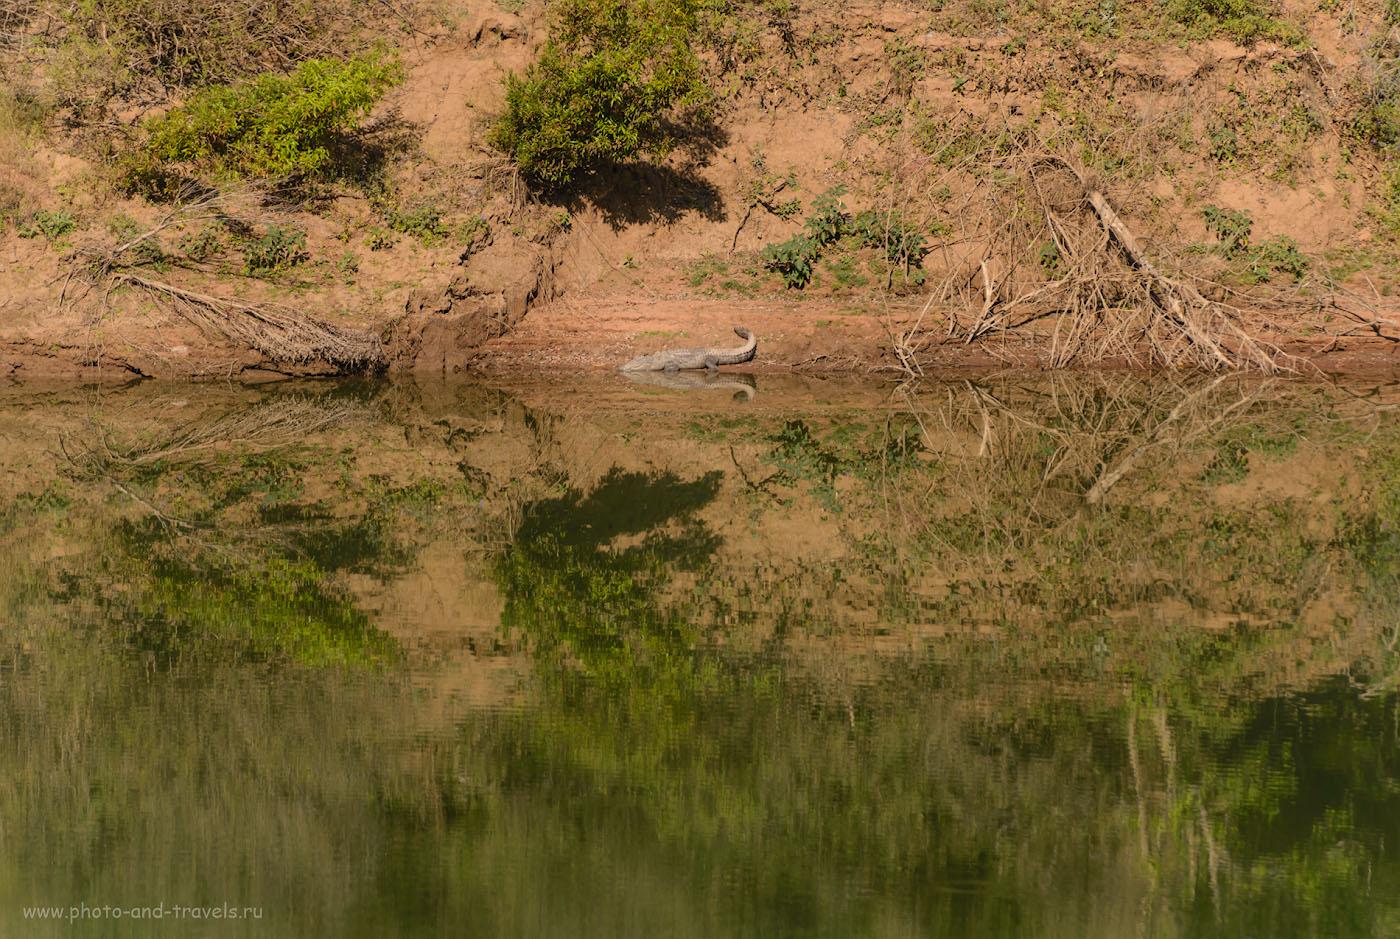 Фото 18. Крокодил на берегу реки Кен (Ken River) в Национальном парке Panna National Park. 1/800, 4.0, 100, 280.